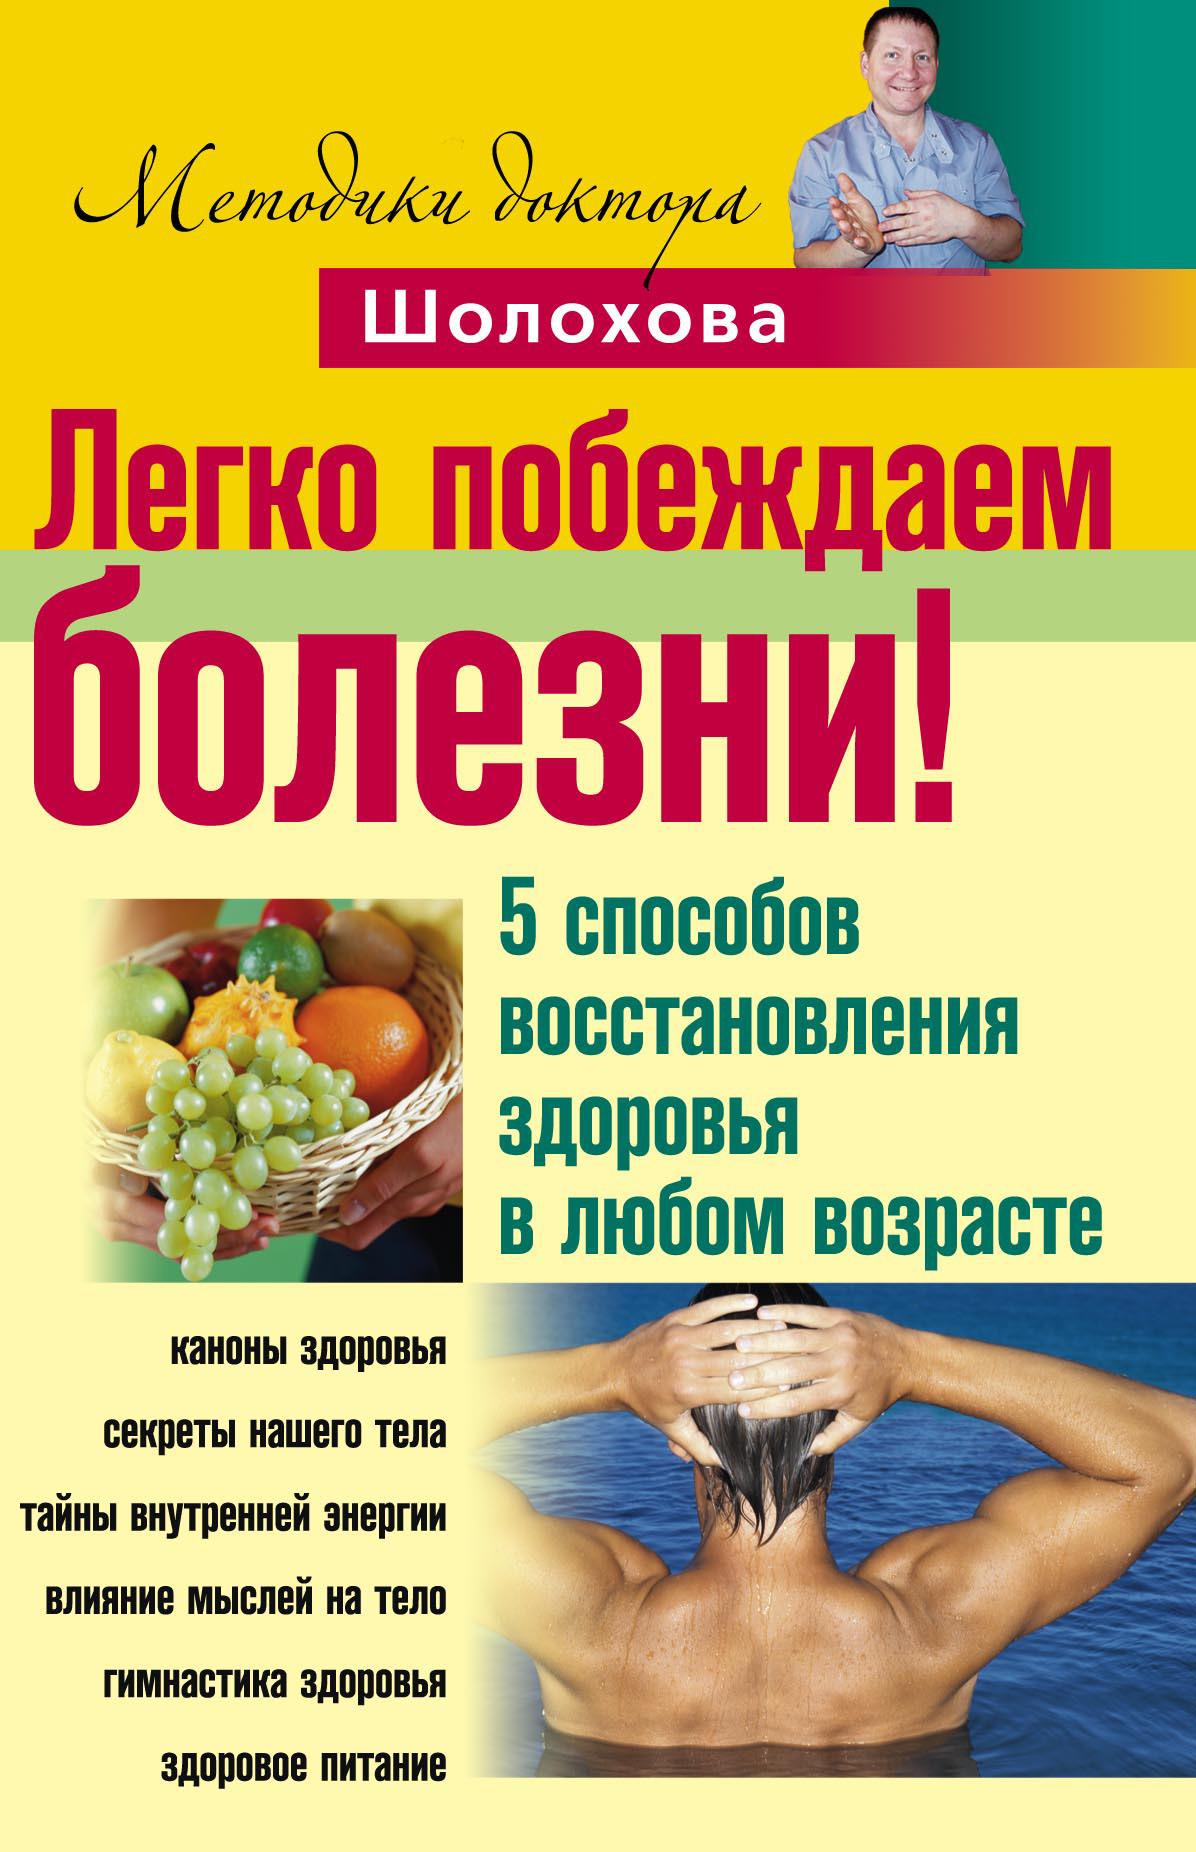 Книга Легко побеждаем болезни! 5способов восстановления здоровья в любом возрасте